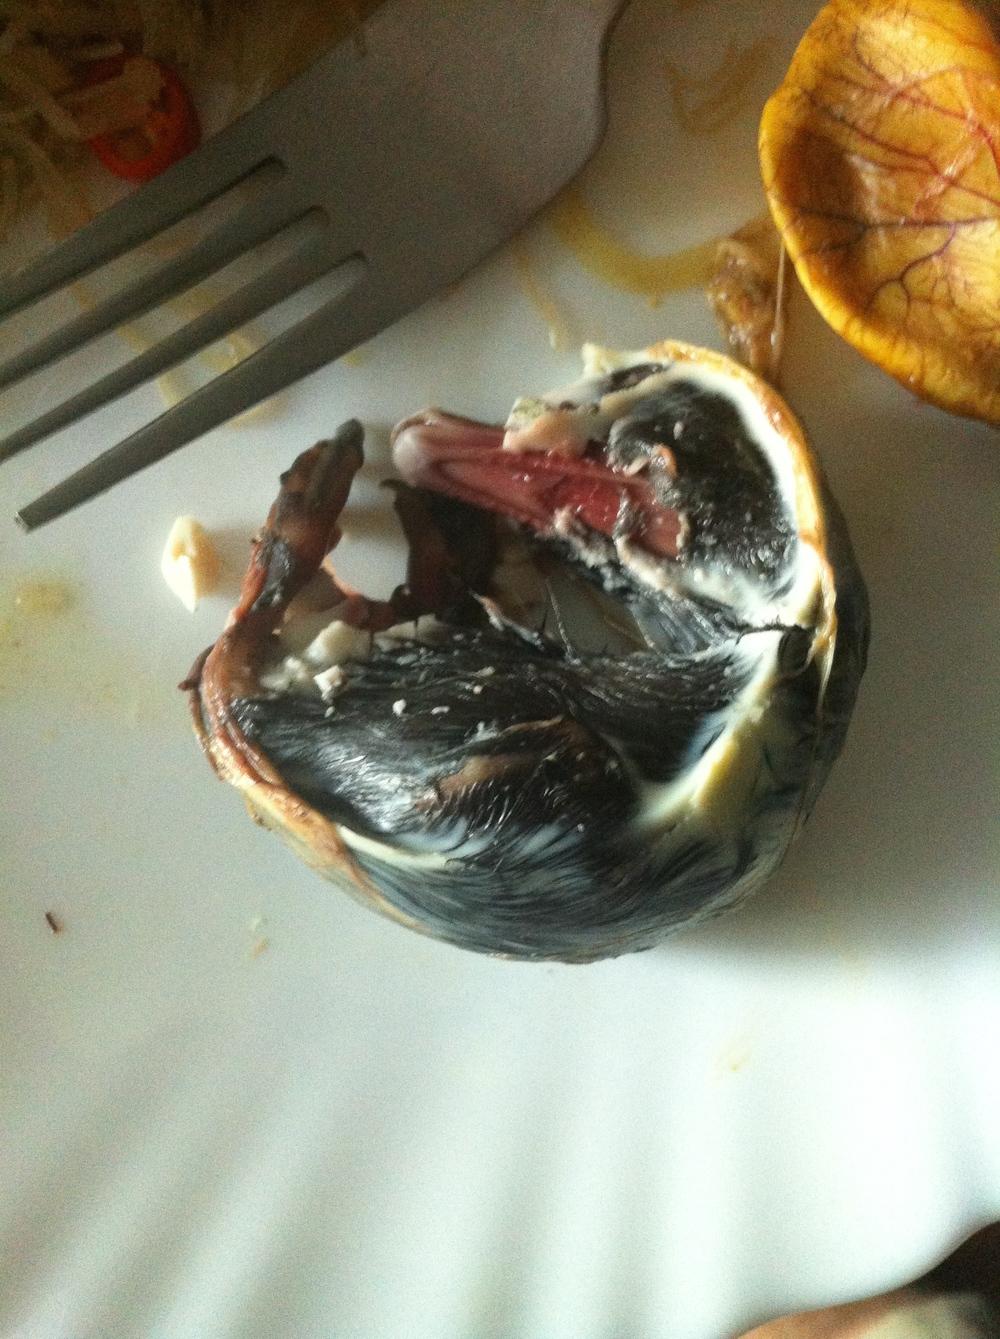 large balut duck fetus